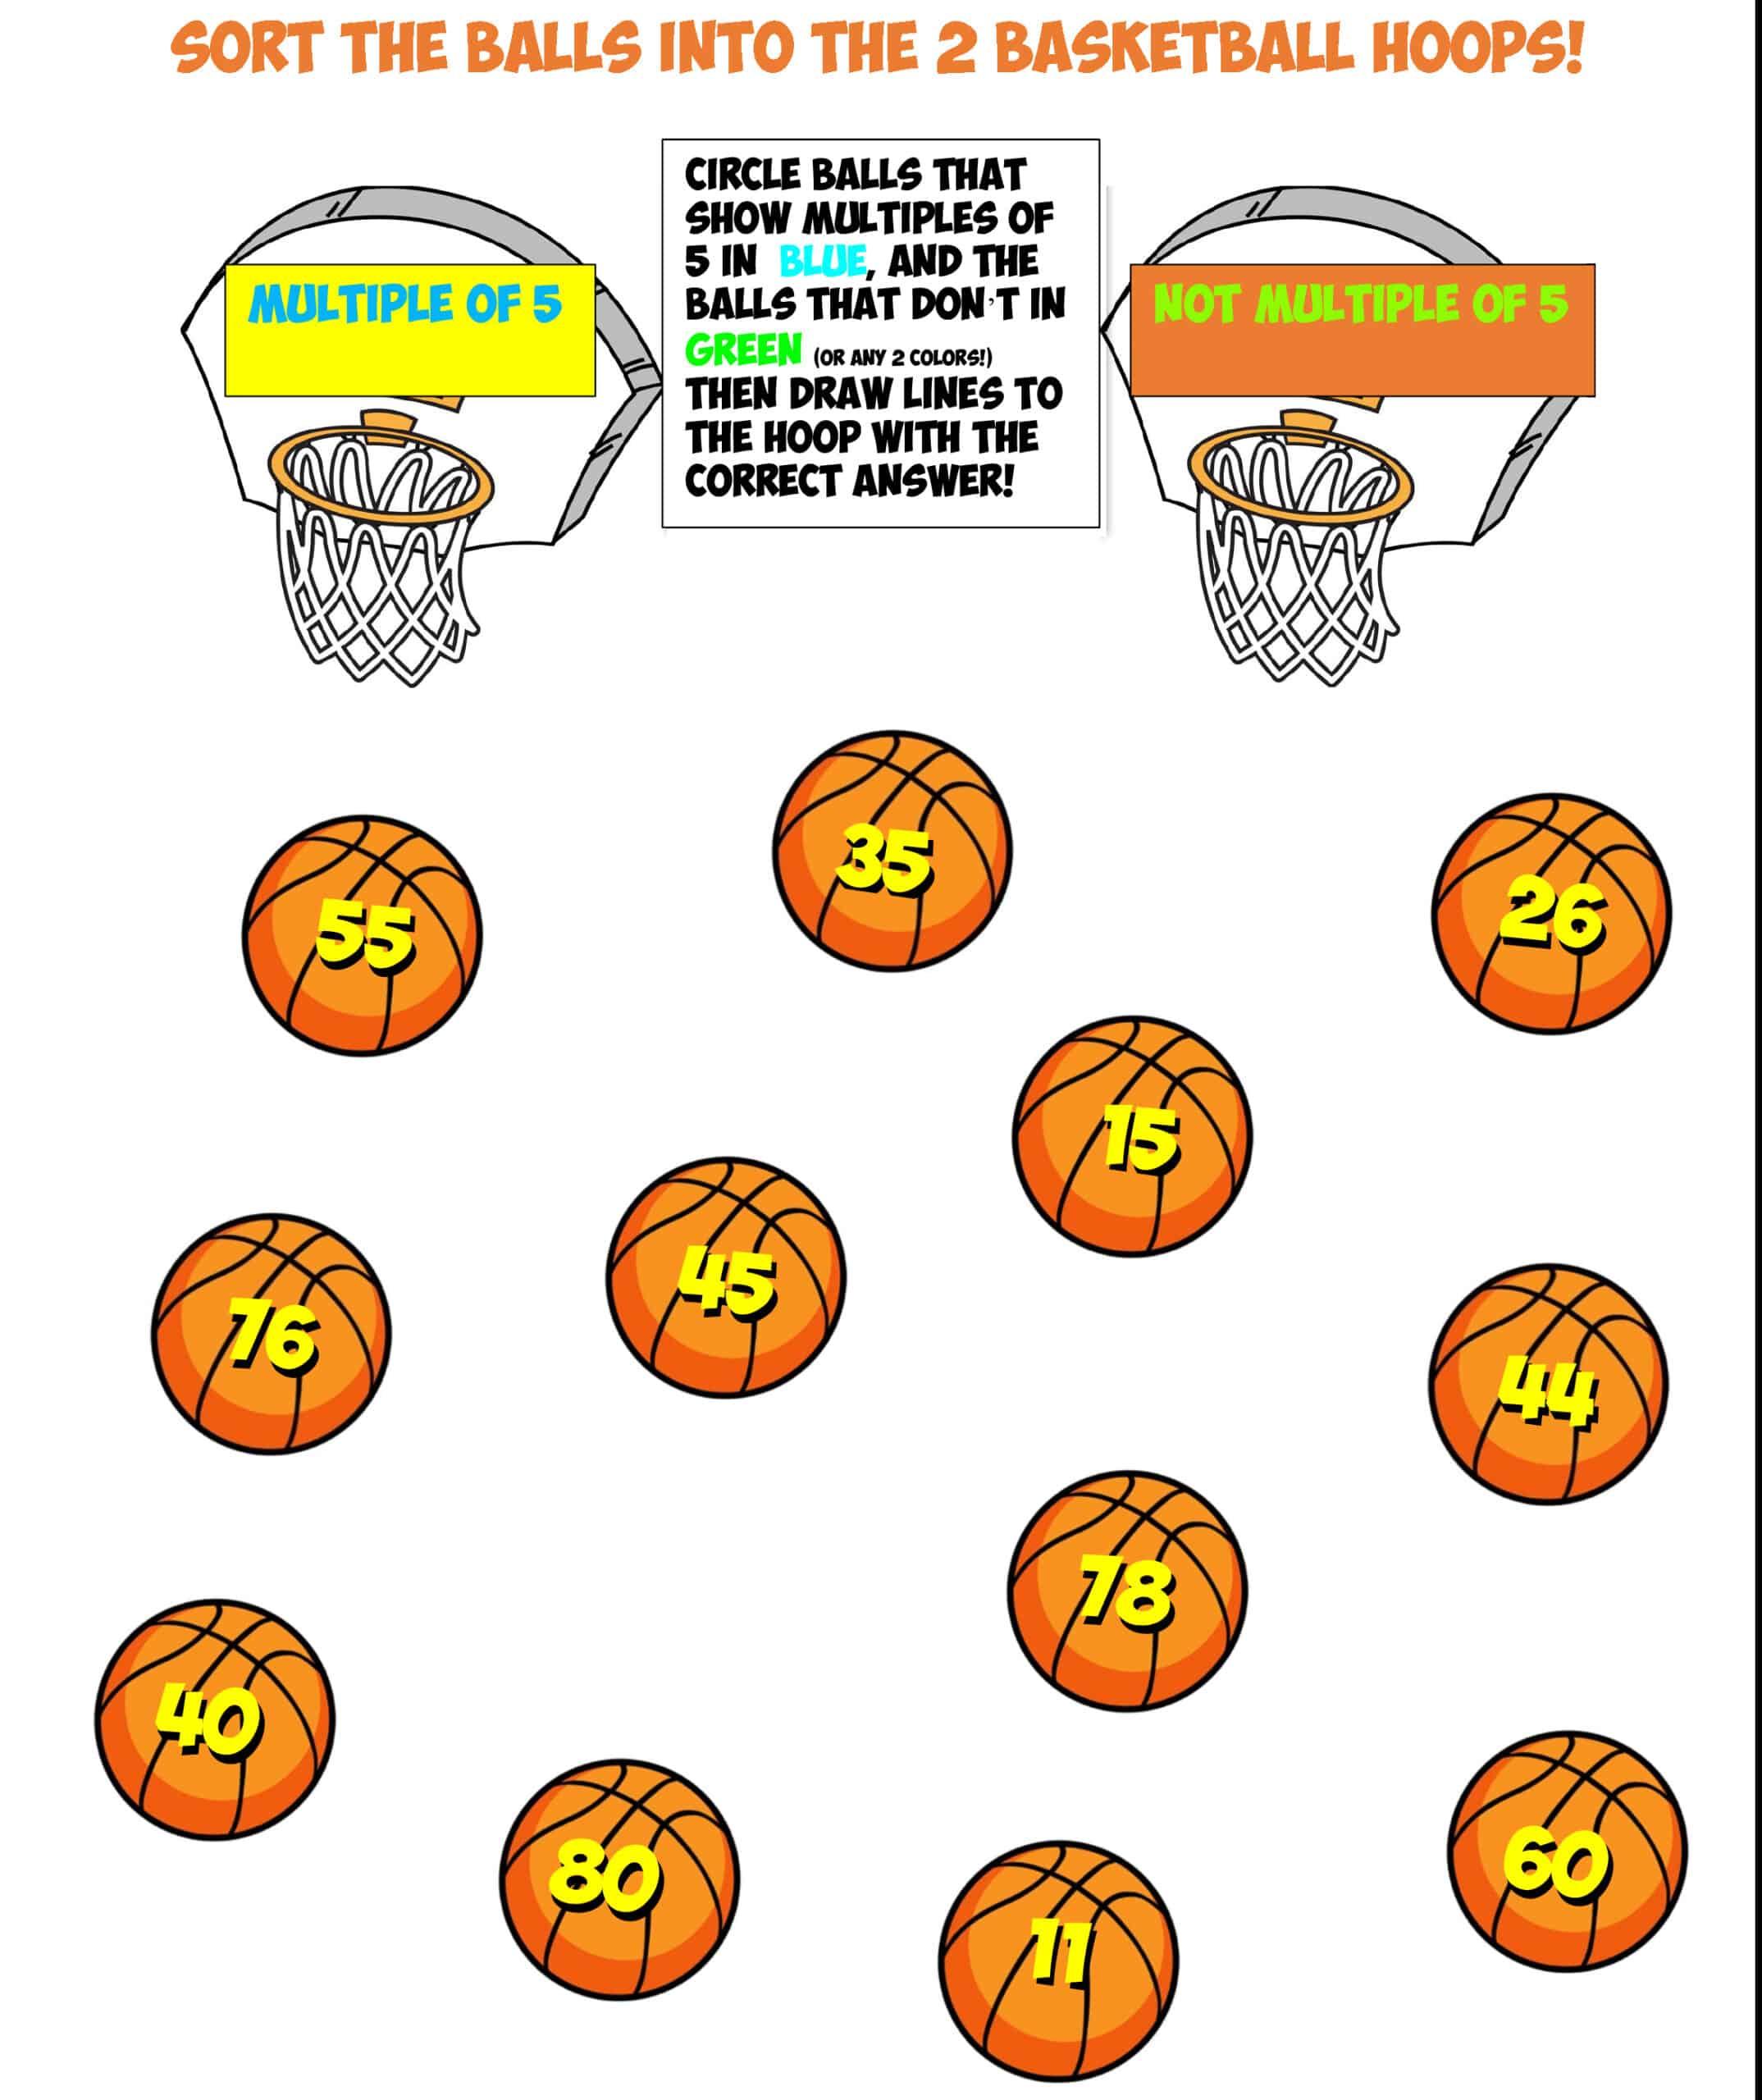 basketball sort #9 multiples of 5